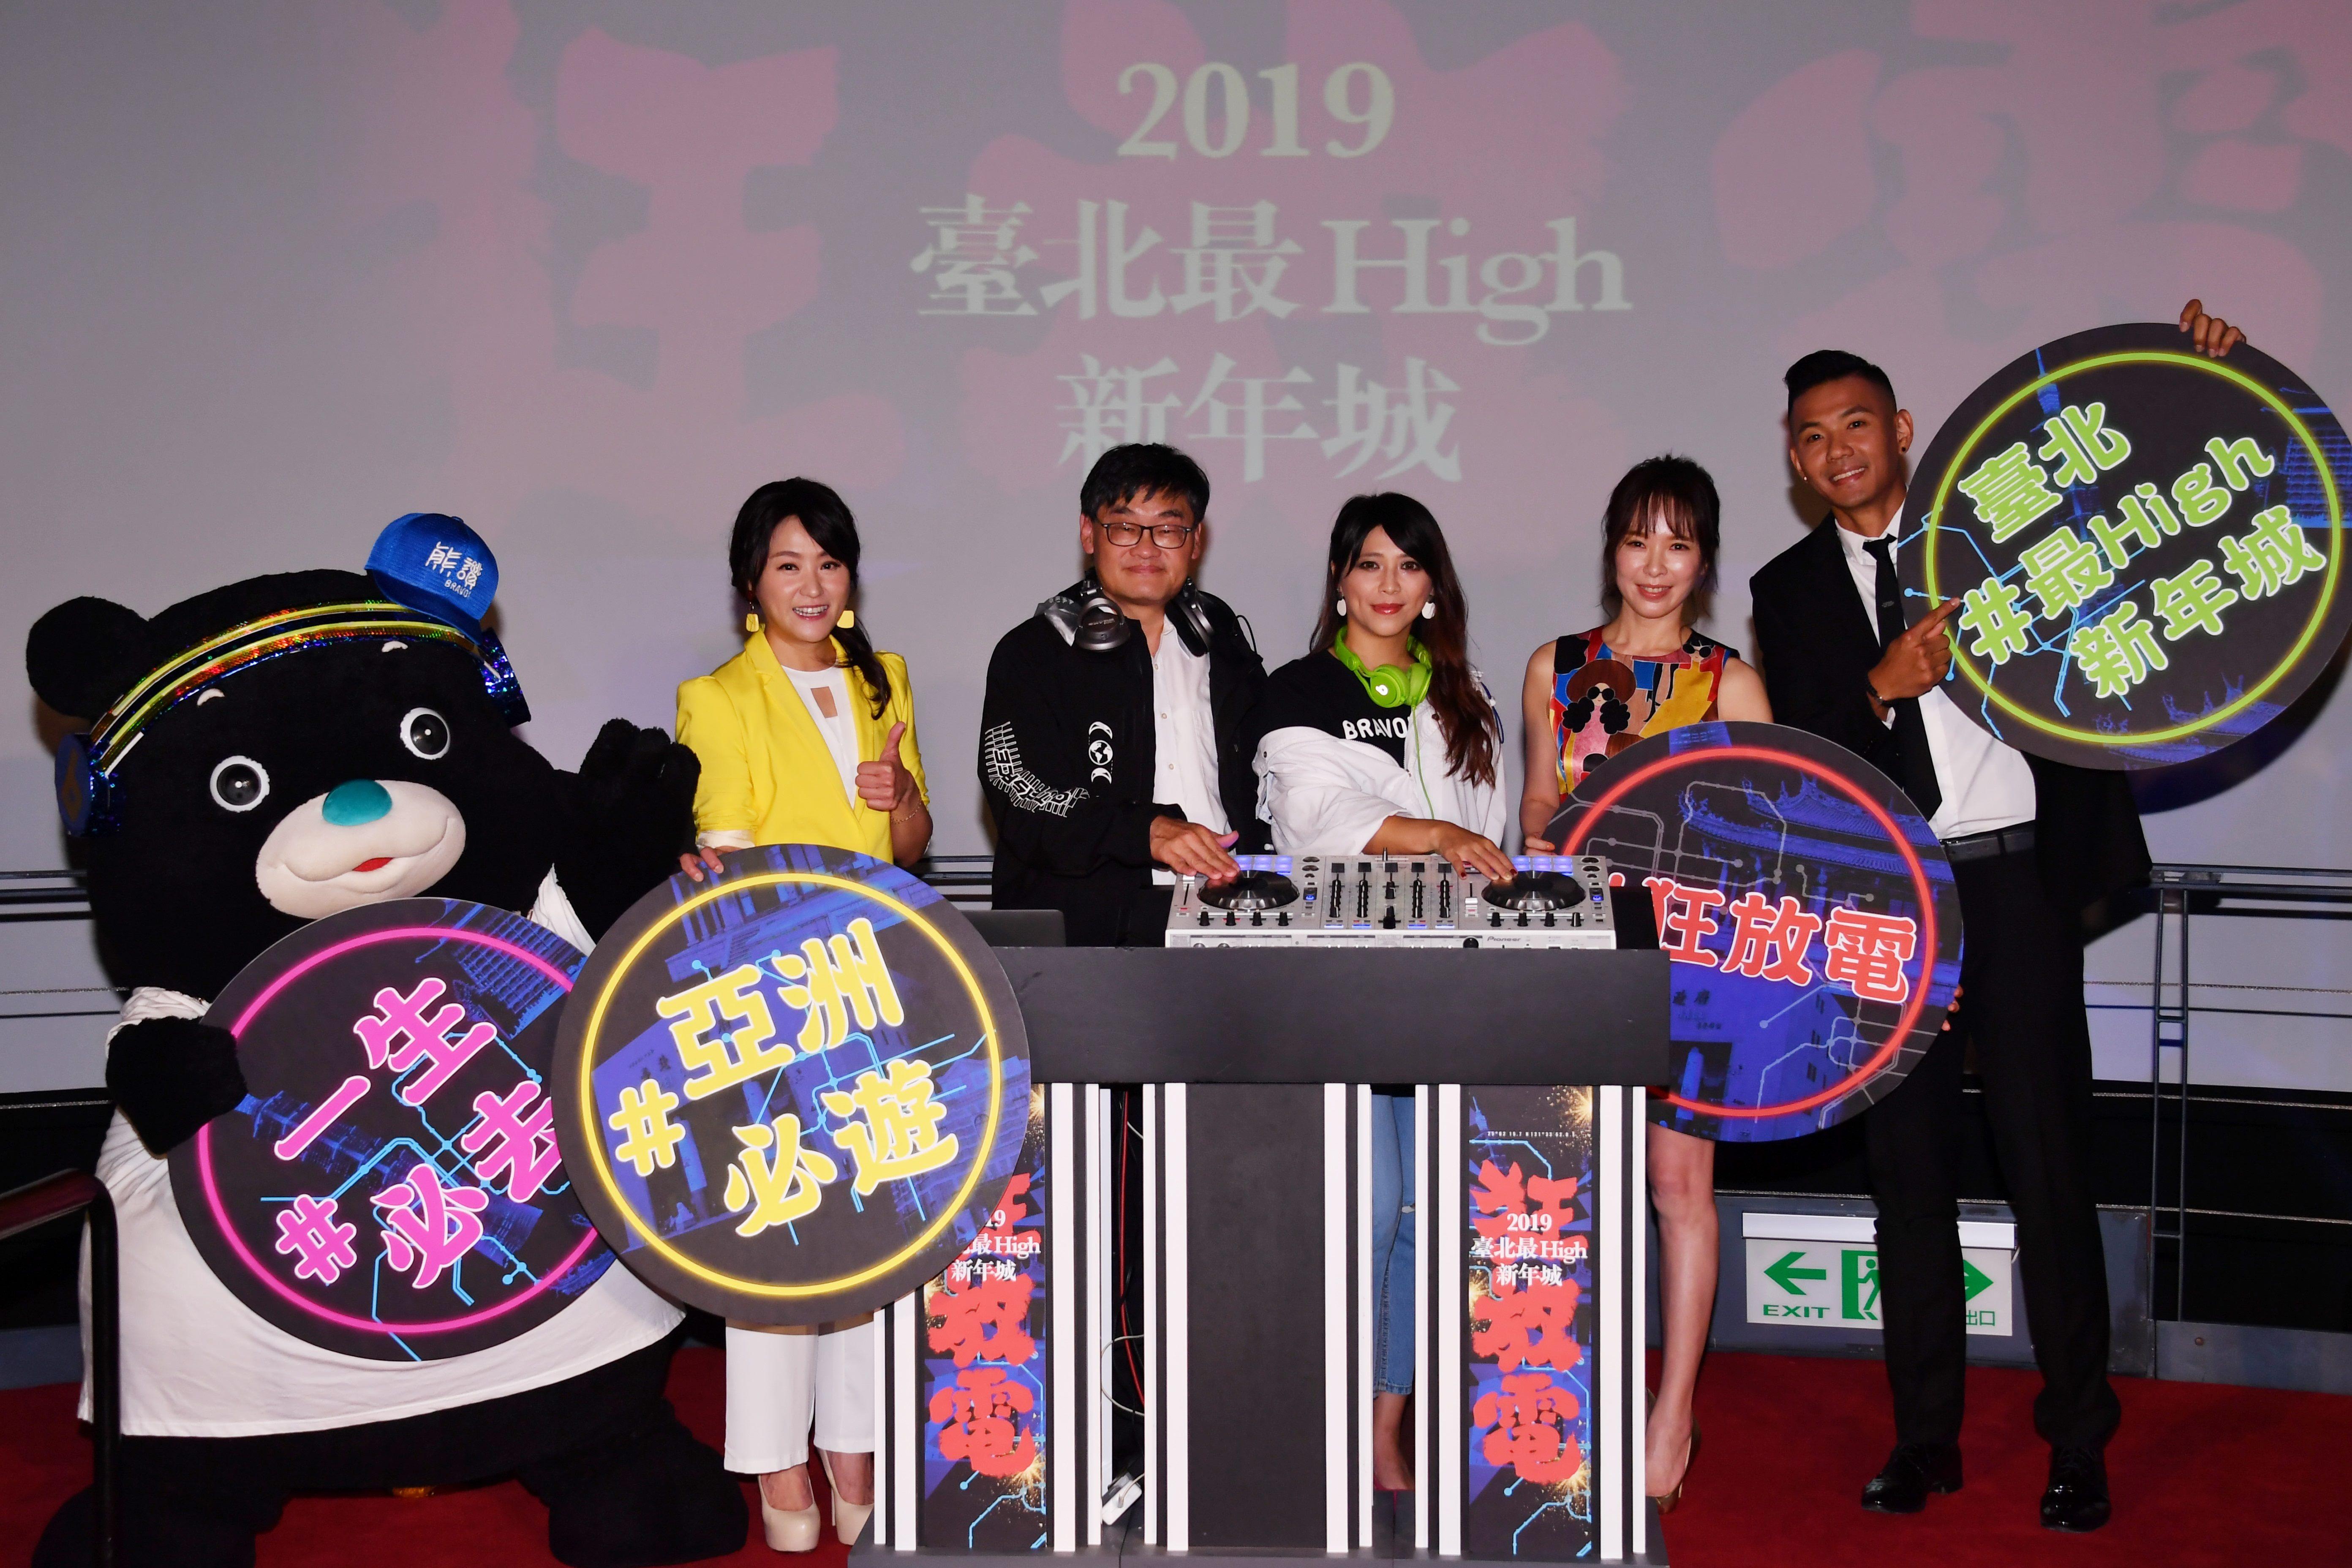 臺北最High新年城-2019跨年晚會將臺北打造亞洲必遊城市